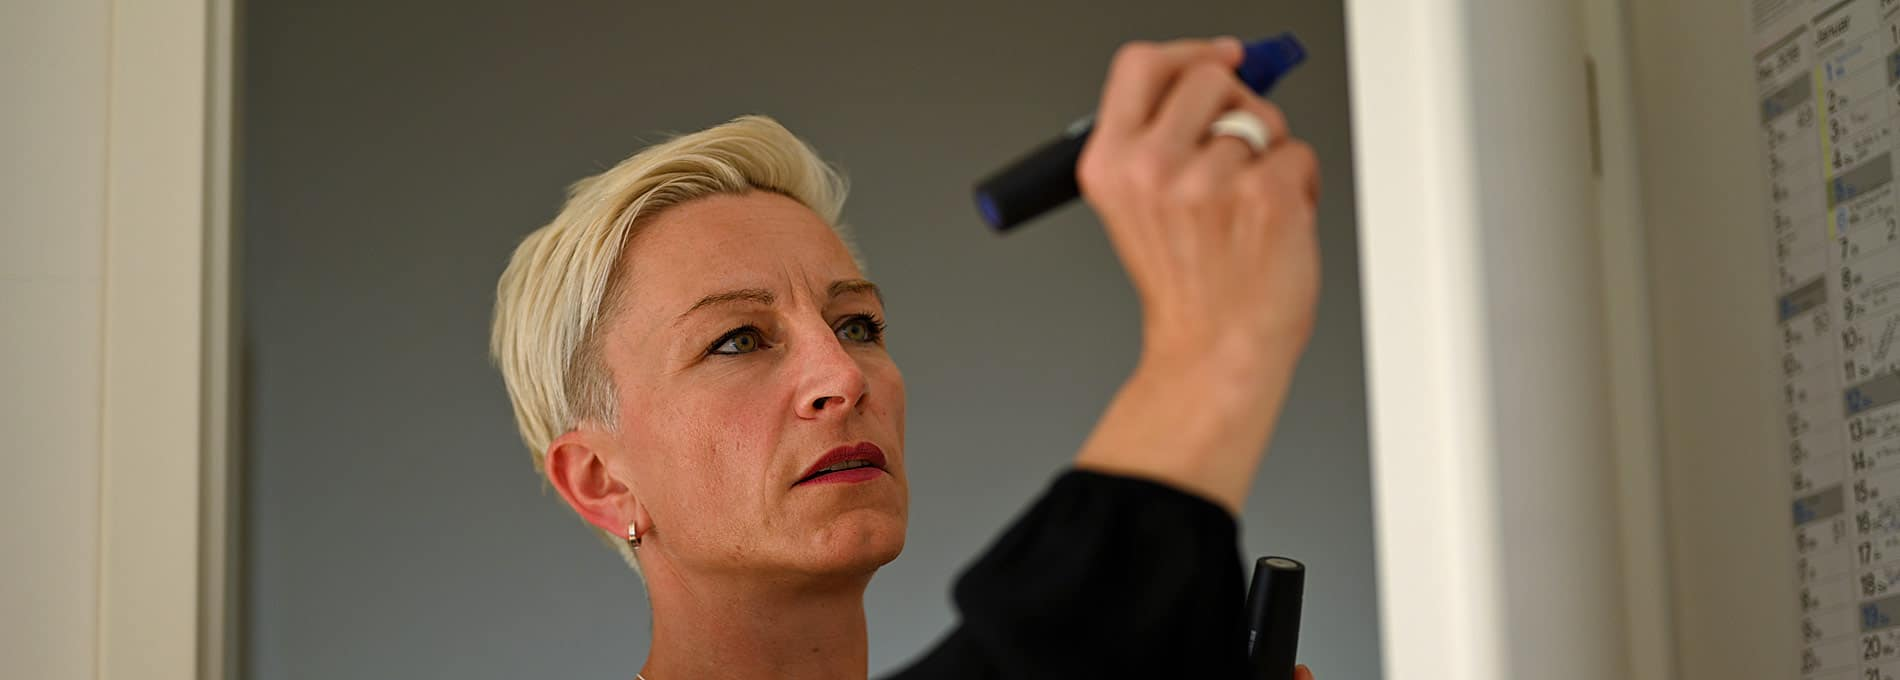 Claudia Tölle schreibt mit einem dicken Filzmaler auf ein Flipchart